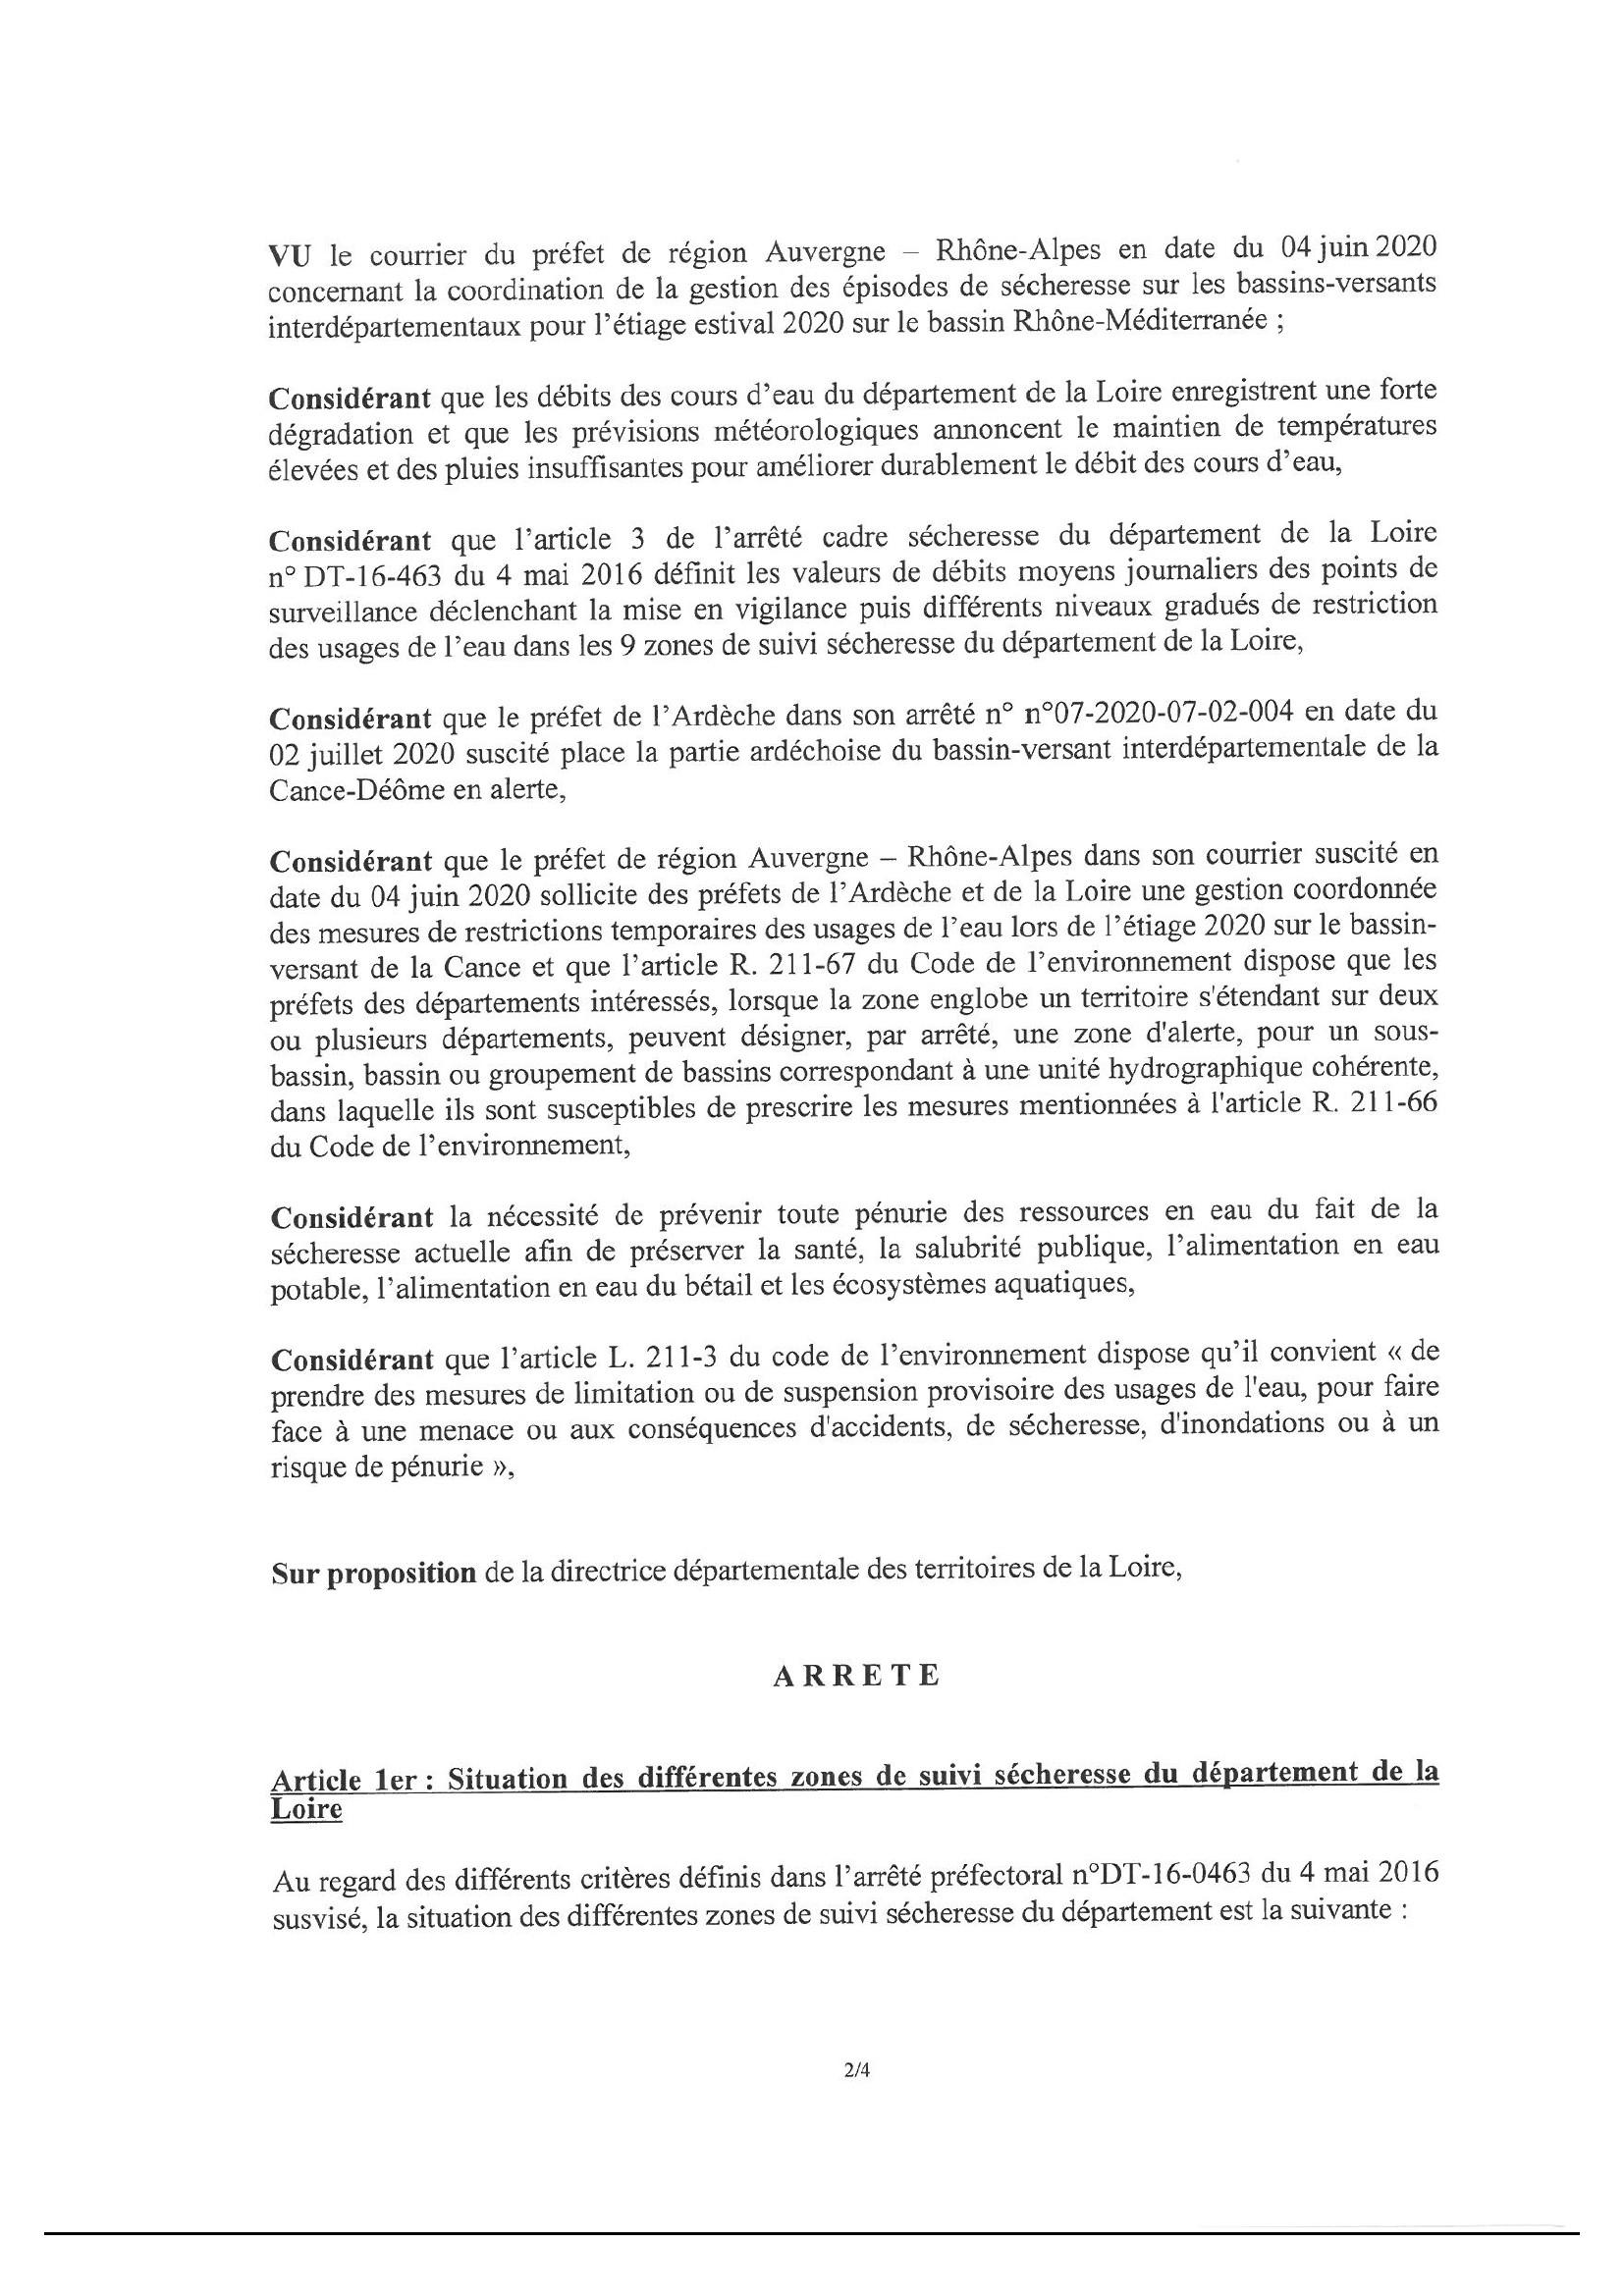 arrêté préfectoral sécheresse - 2